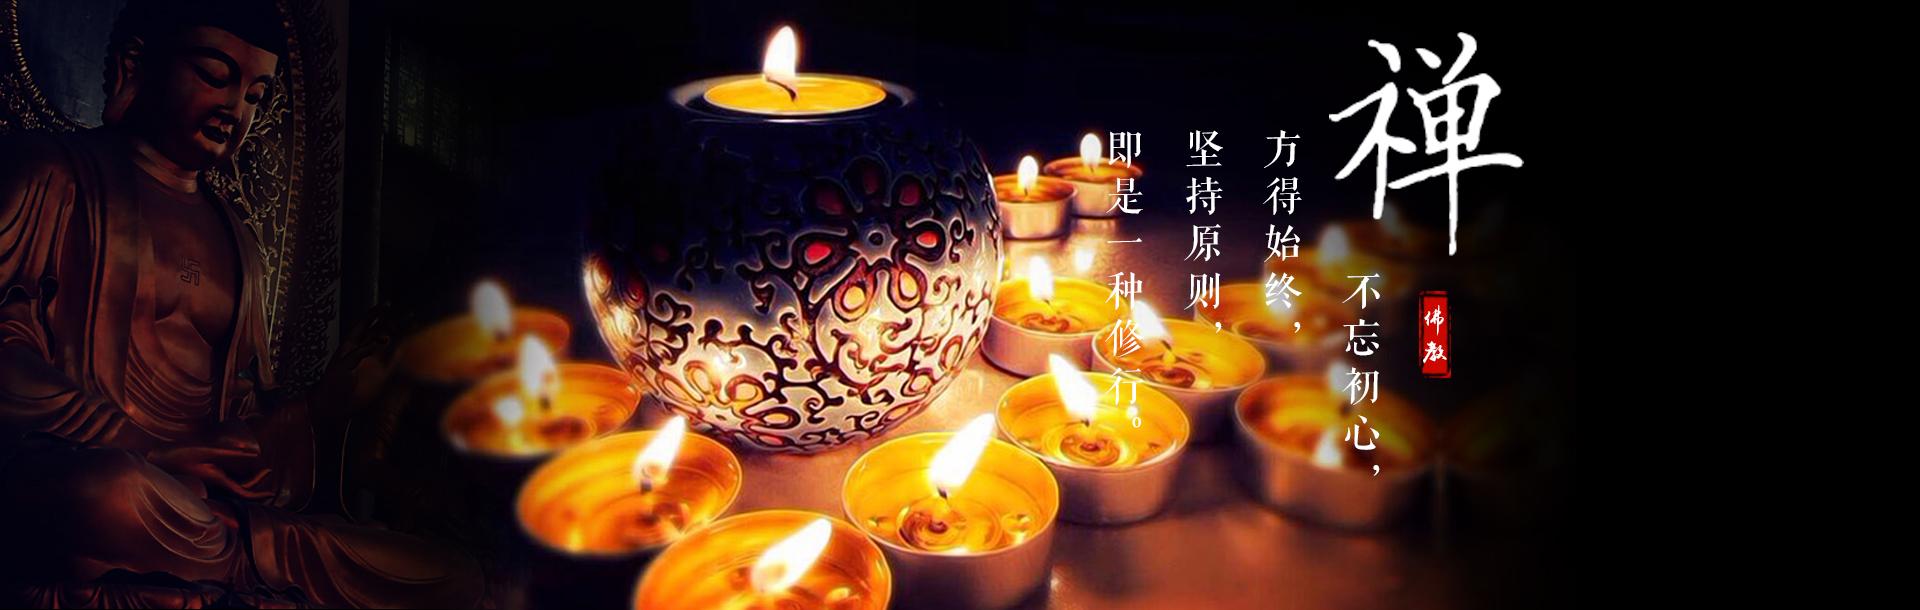 VB Xiang Yuang Ge 祥缘阁 |